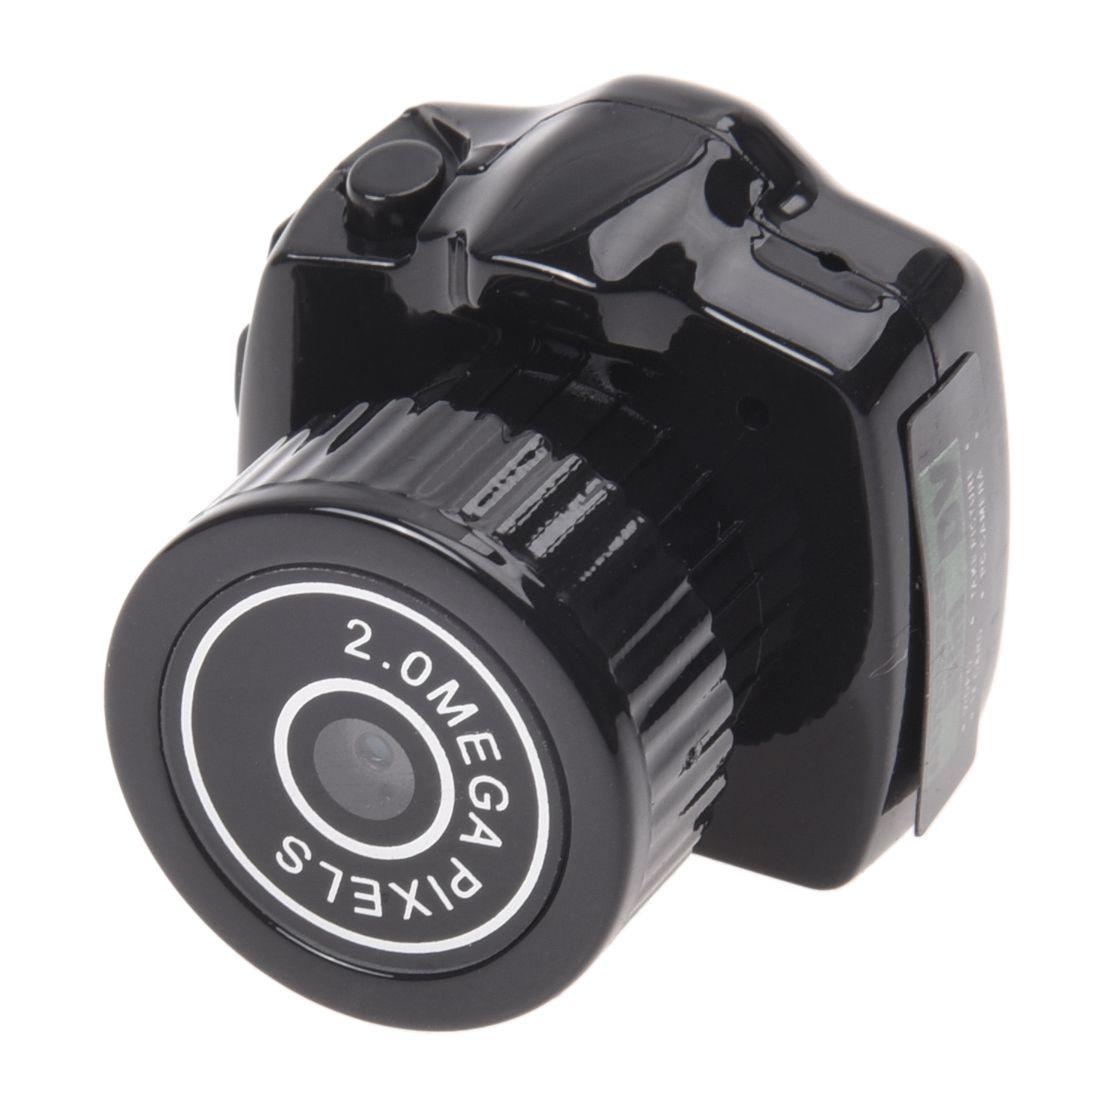 y2000 the smallest mini digital dv webcam camera dvr video. Black Bedroom Furniture Sets. Home Design Ideas